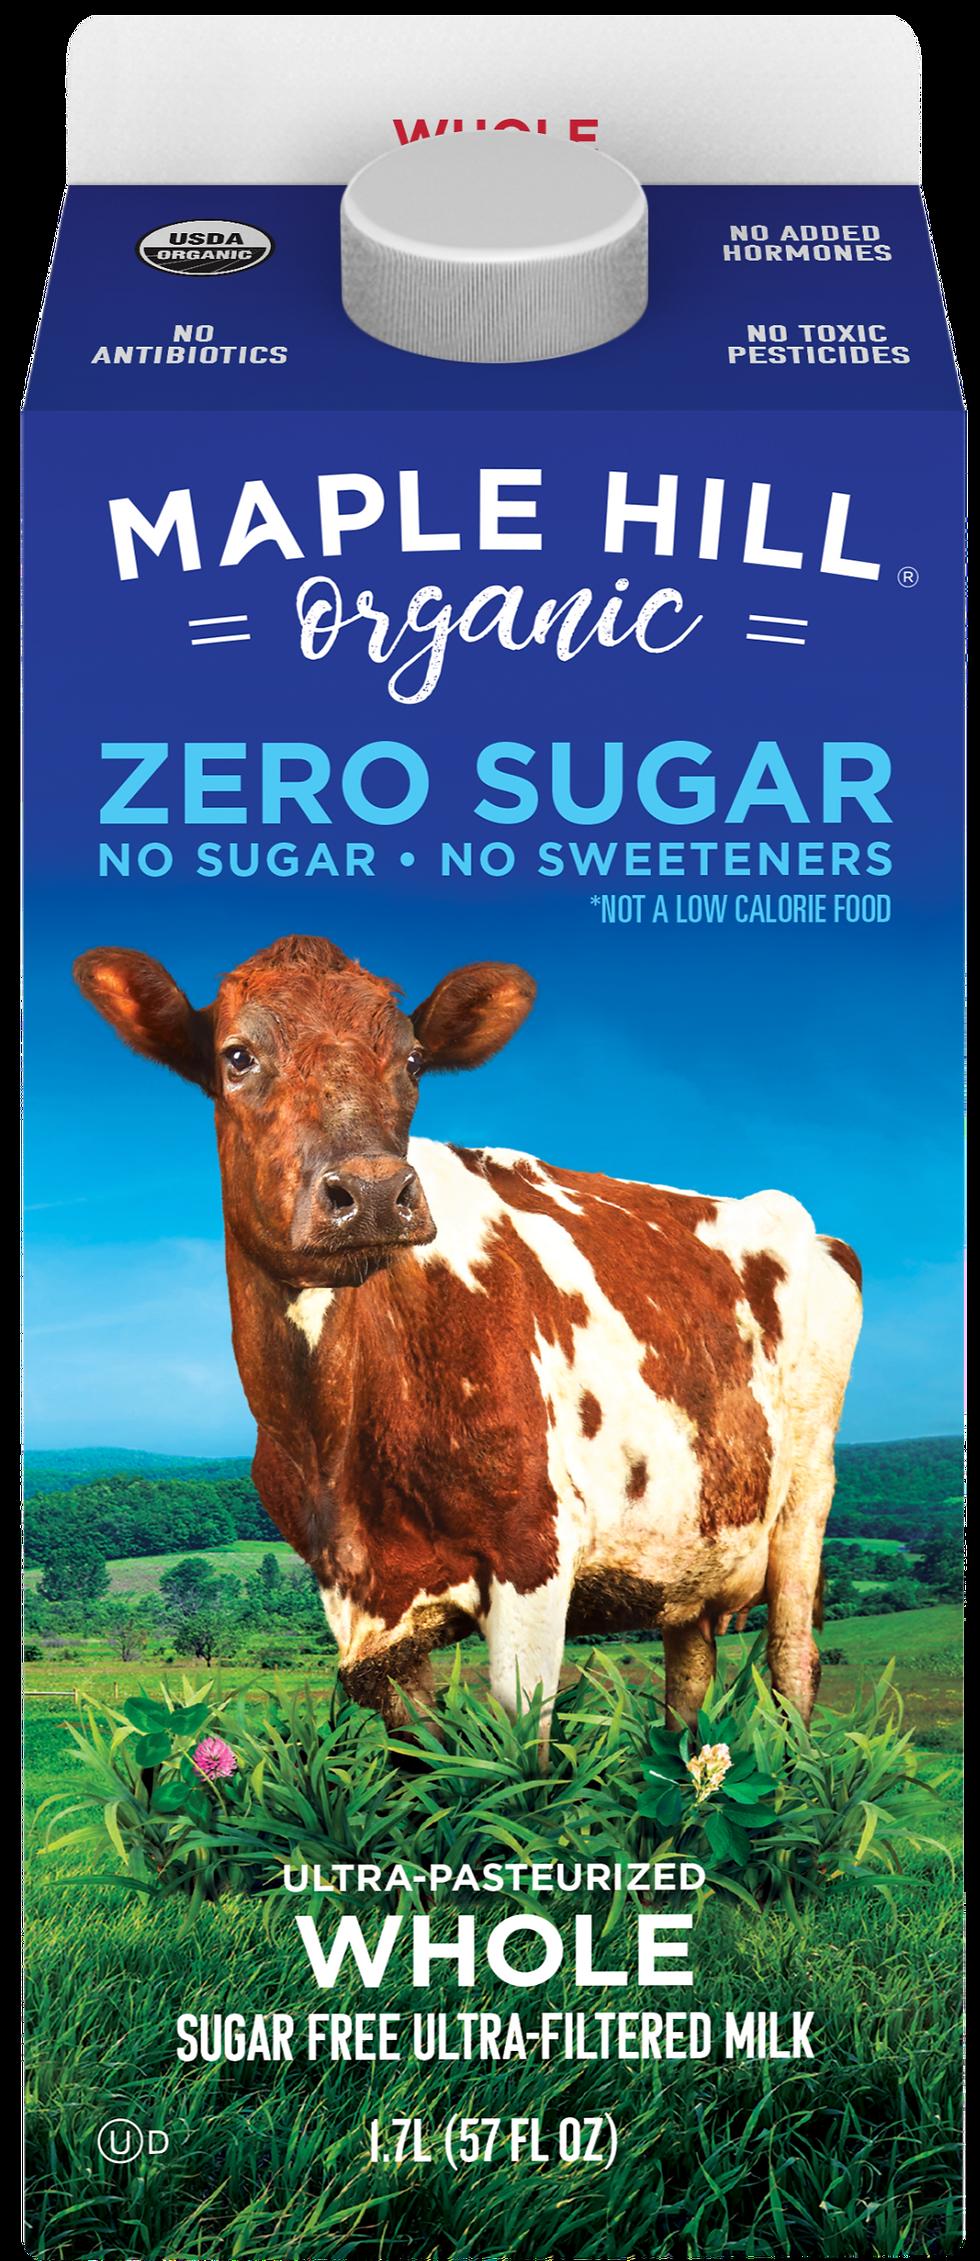 Maple Hill Organic Zero Sugar Whole Milk